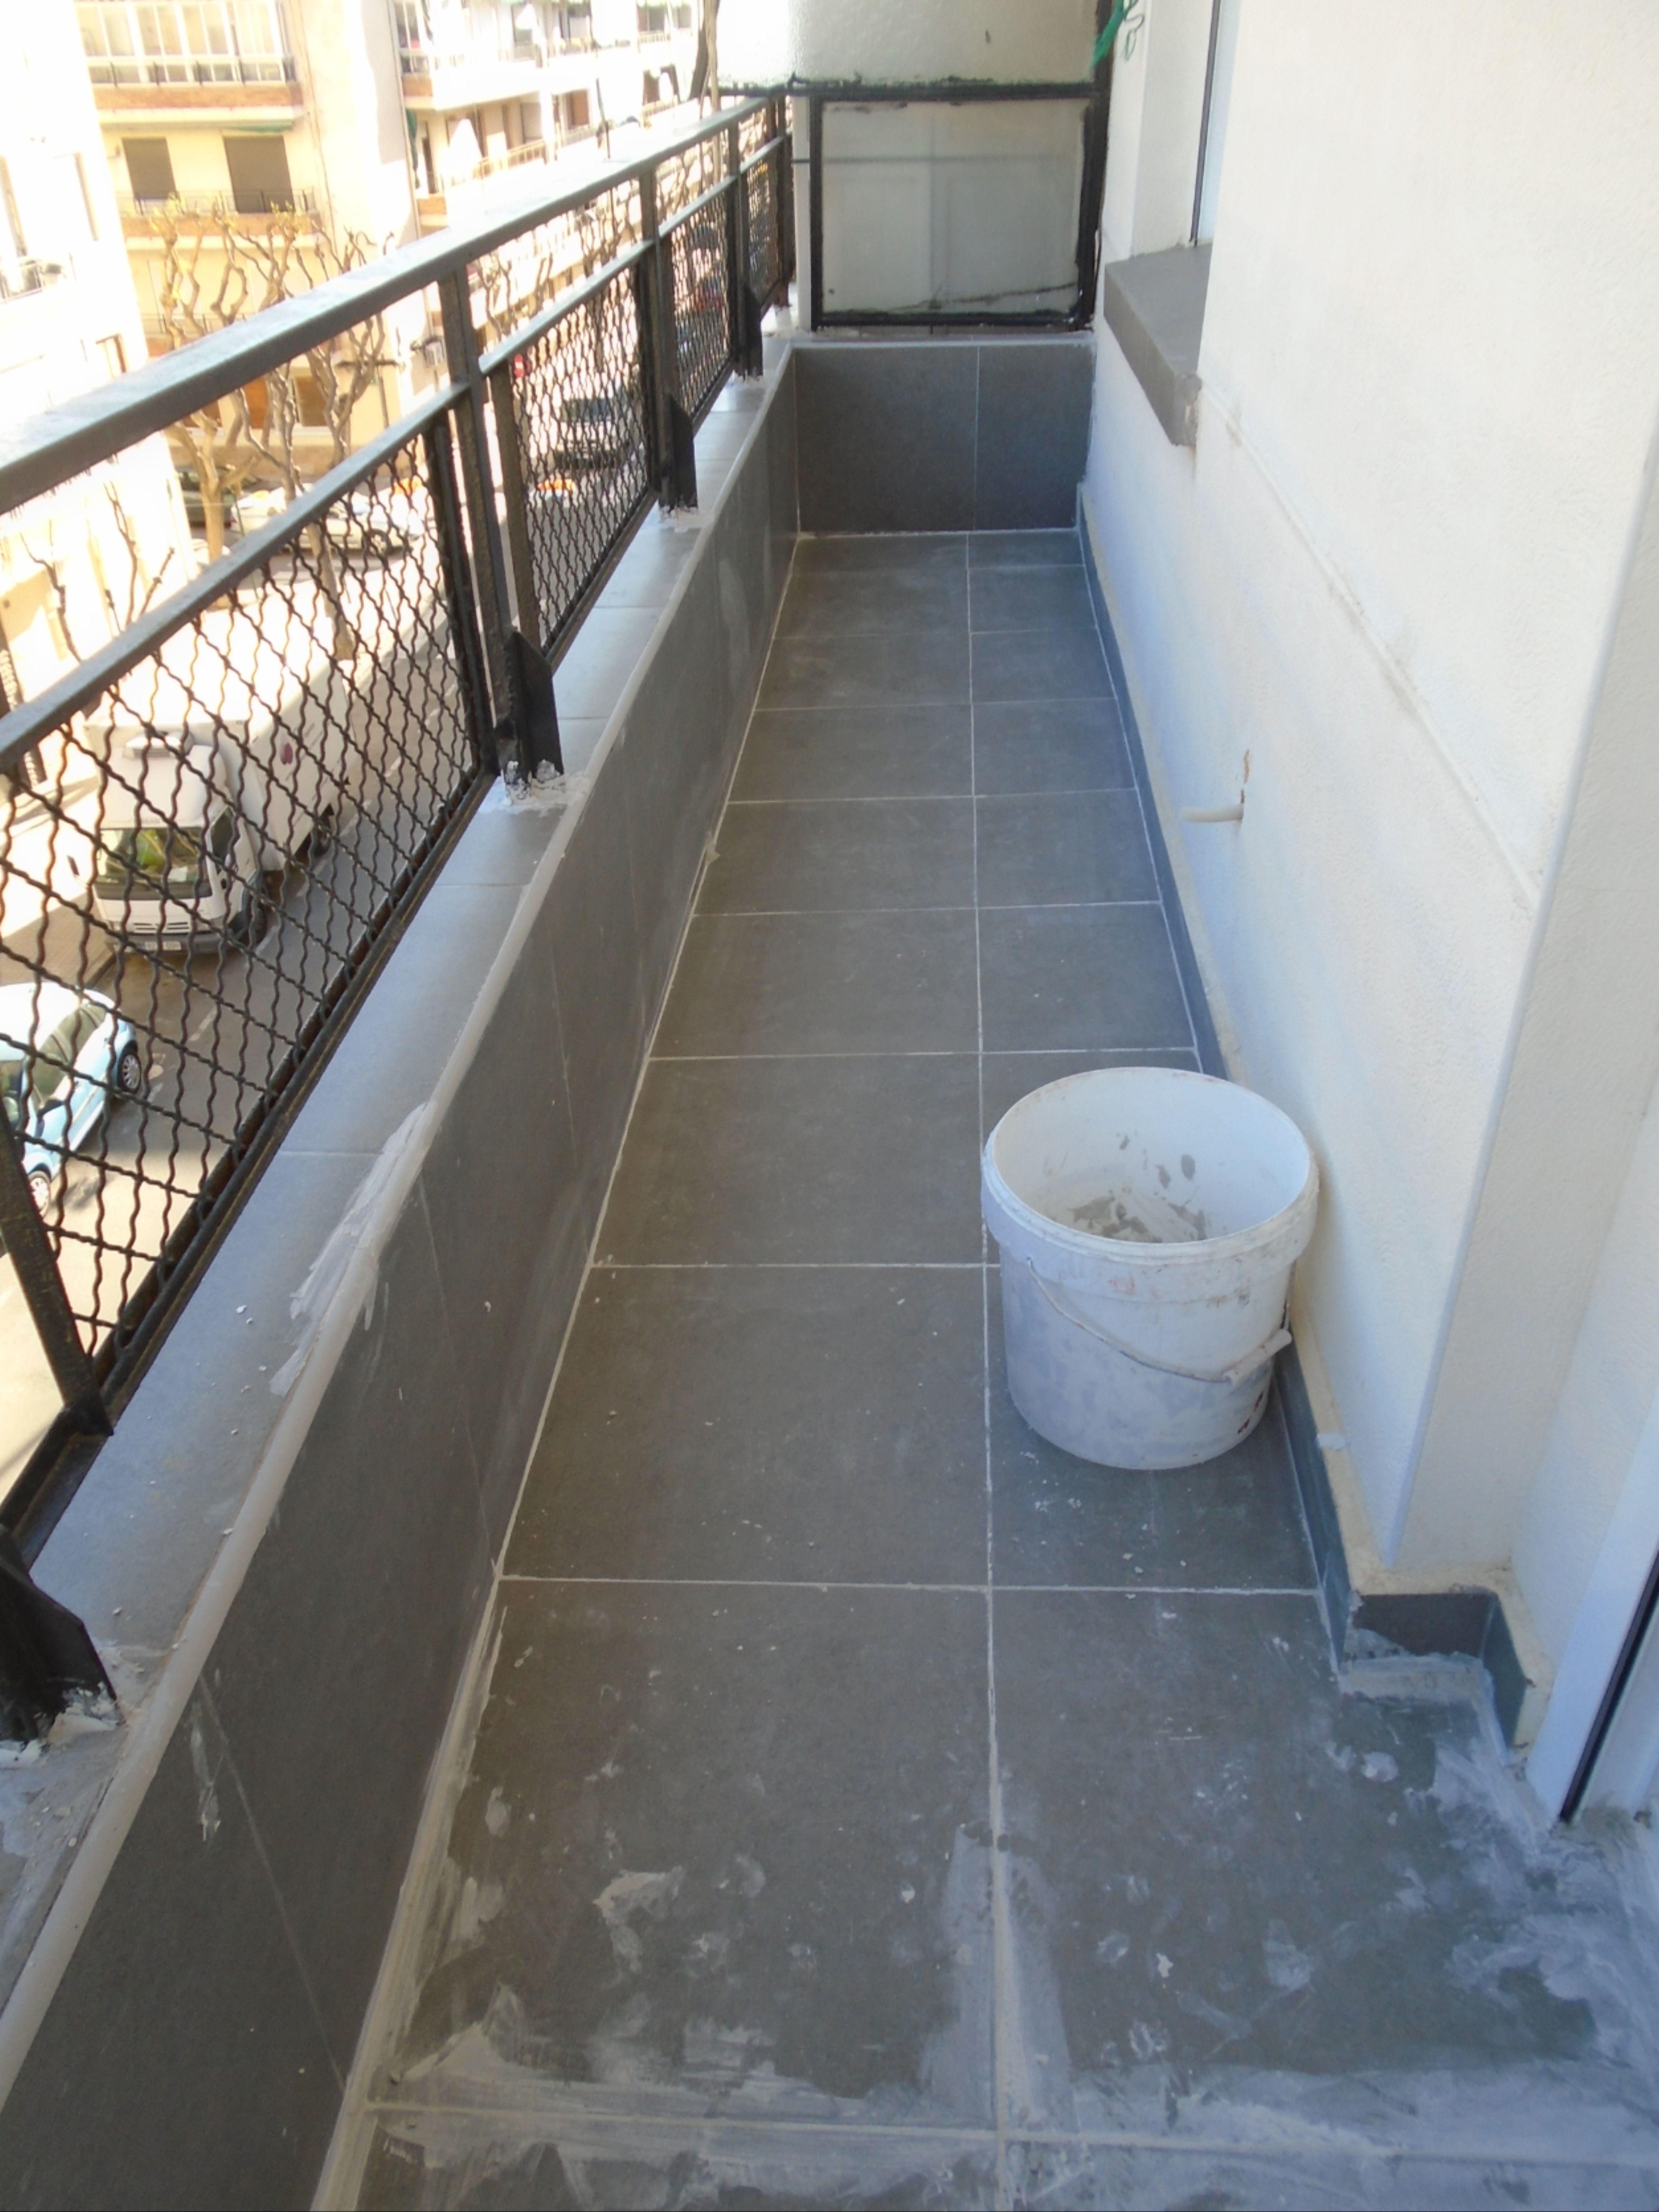 Impermeabilizacion De Terrazas Y Balcones En Valencia Www Solvertvalencia Com Expertos En Filtracion En 2020 Tela Asfaltica Hidrofugante Fibra De Vidrio